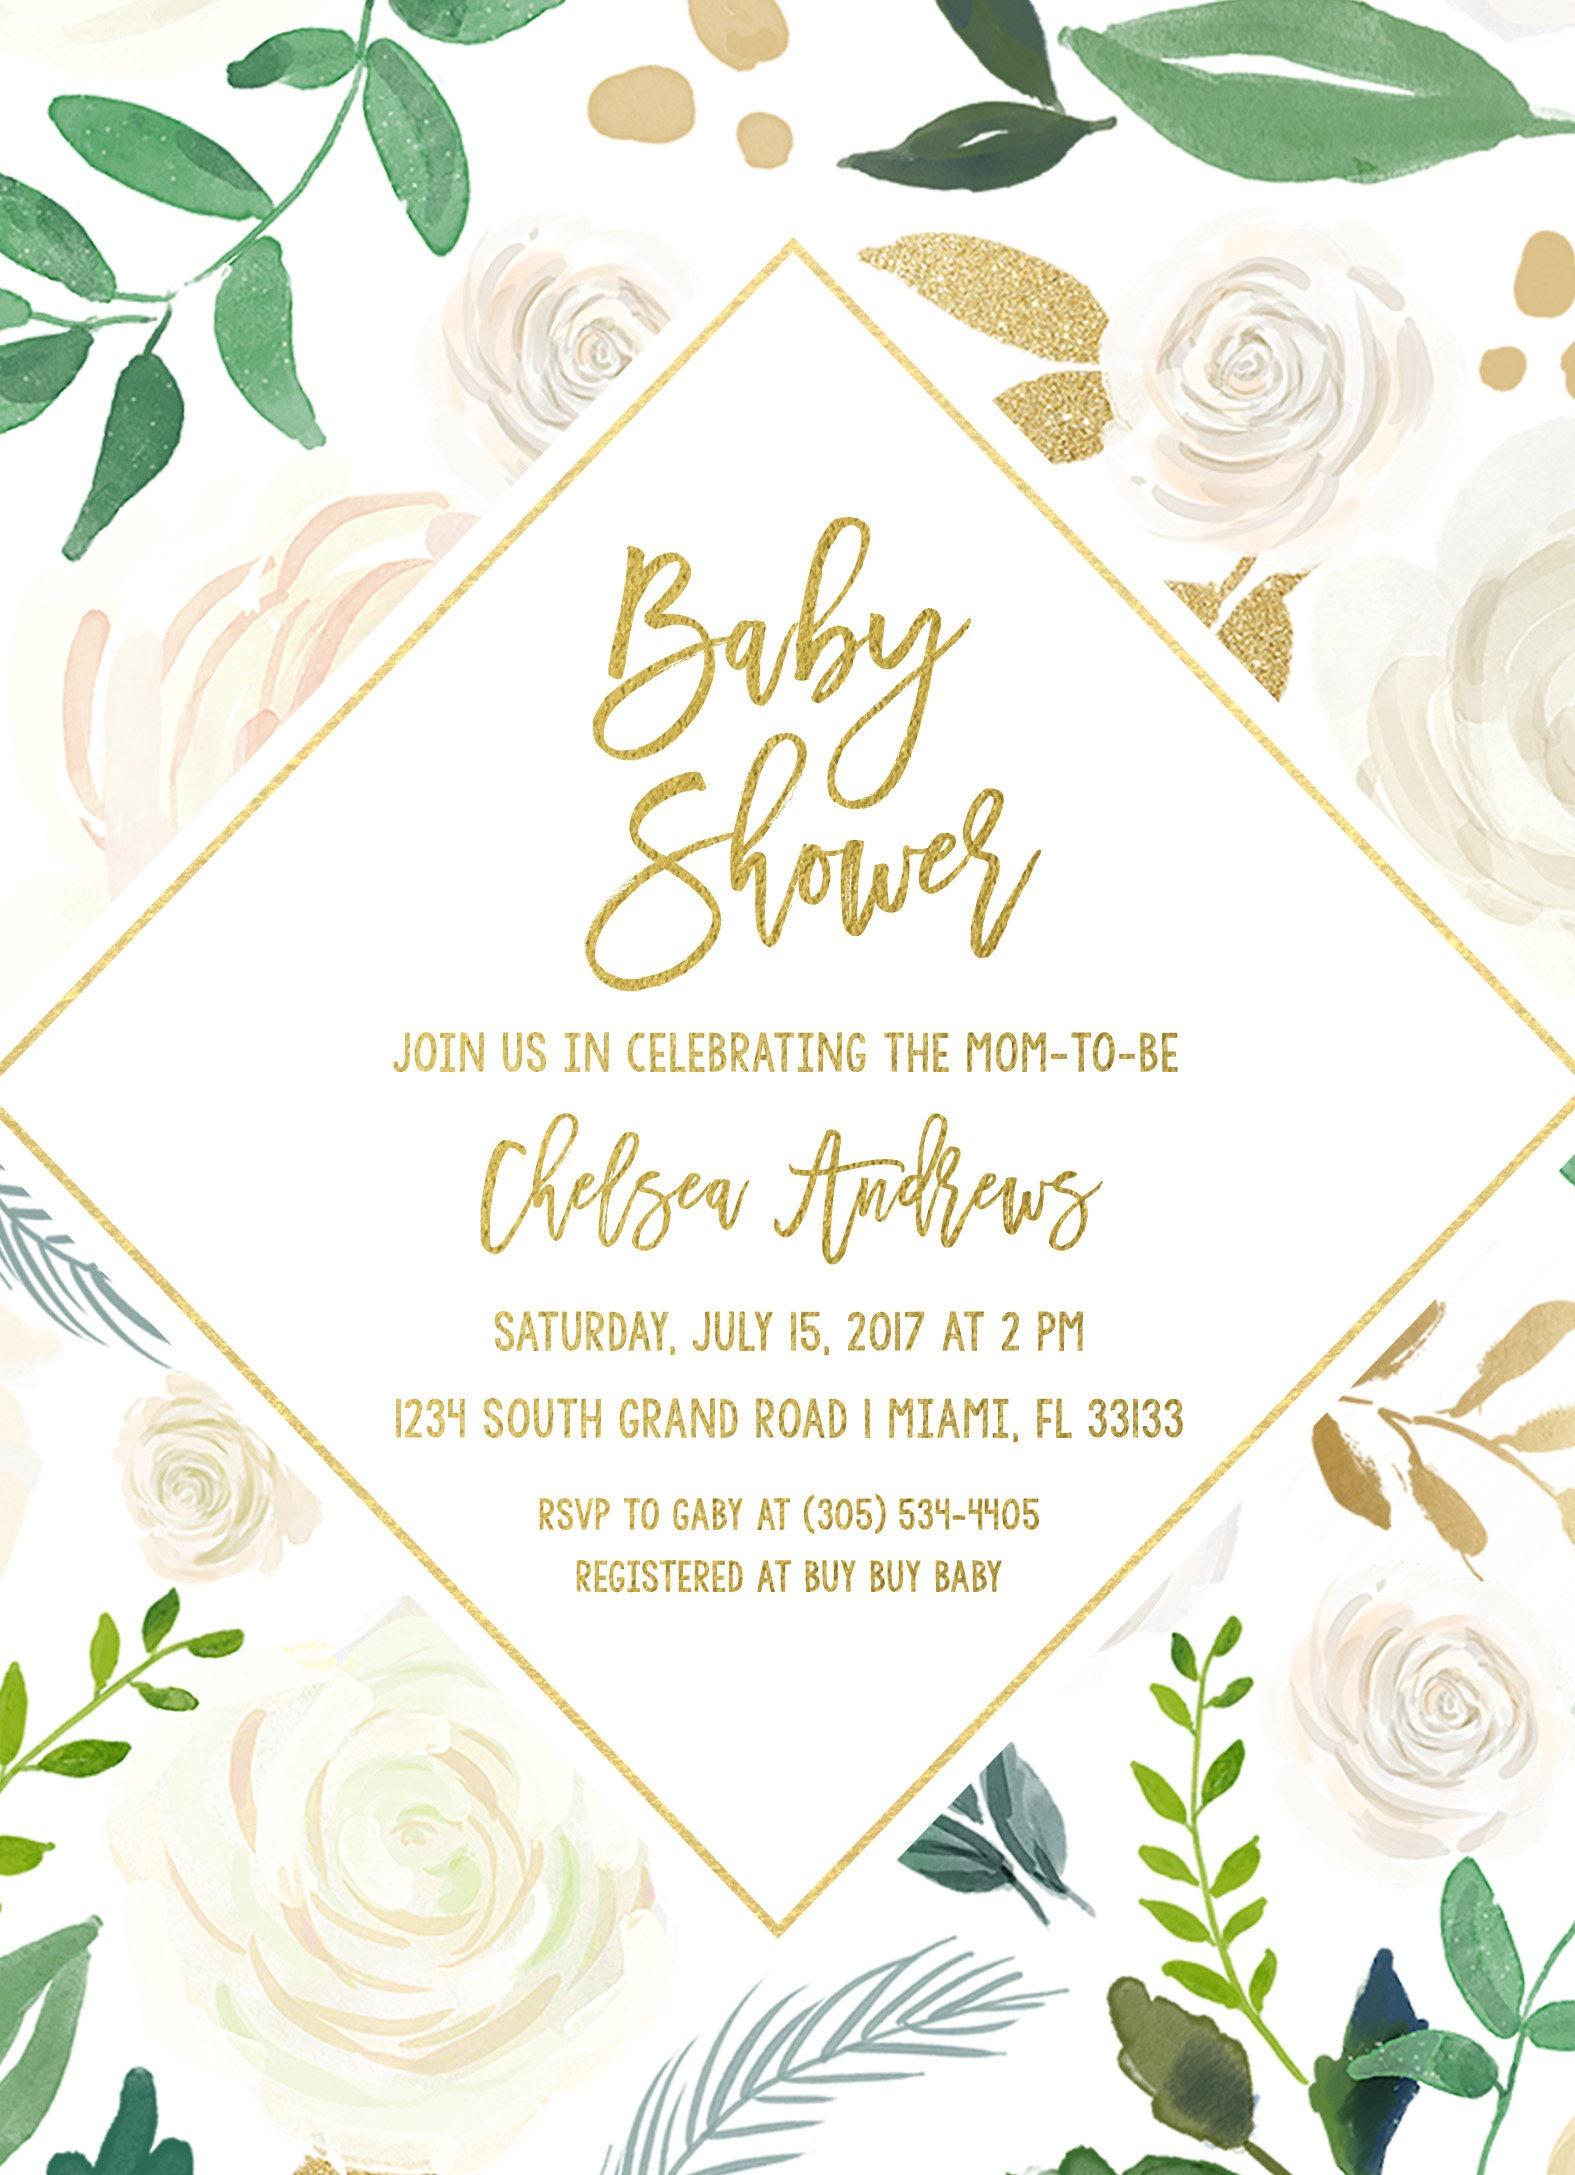 Baby Shower Brunch Invitation, Gender Neutral Baby Shower Invitation ...